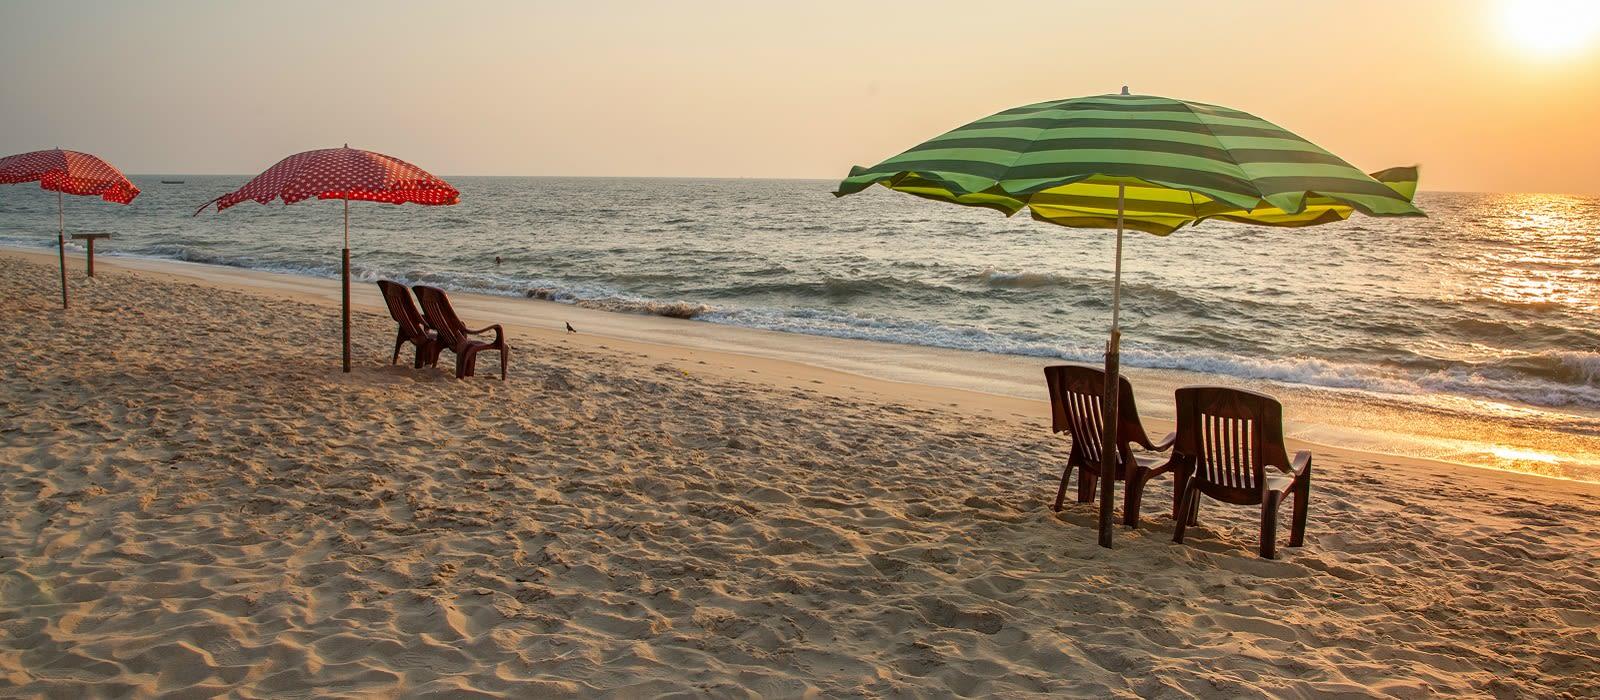 Klassische Reise nach Kerala: Backwaters und wilde Natur Urlaub 7